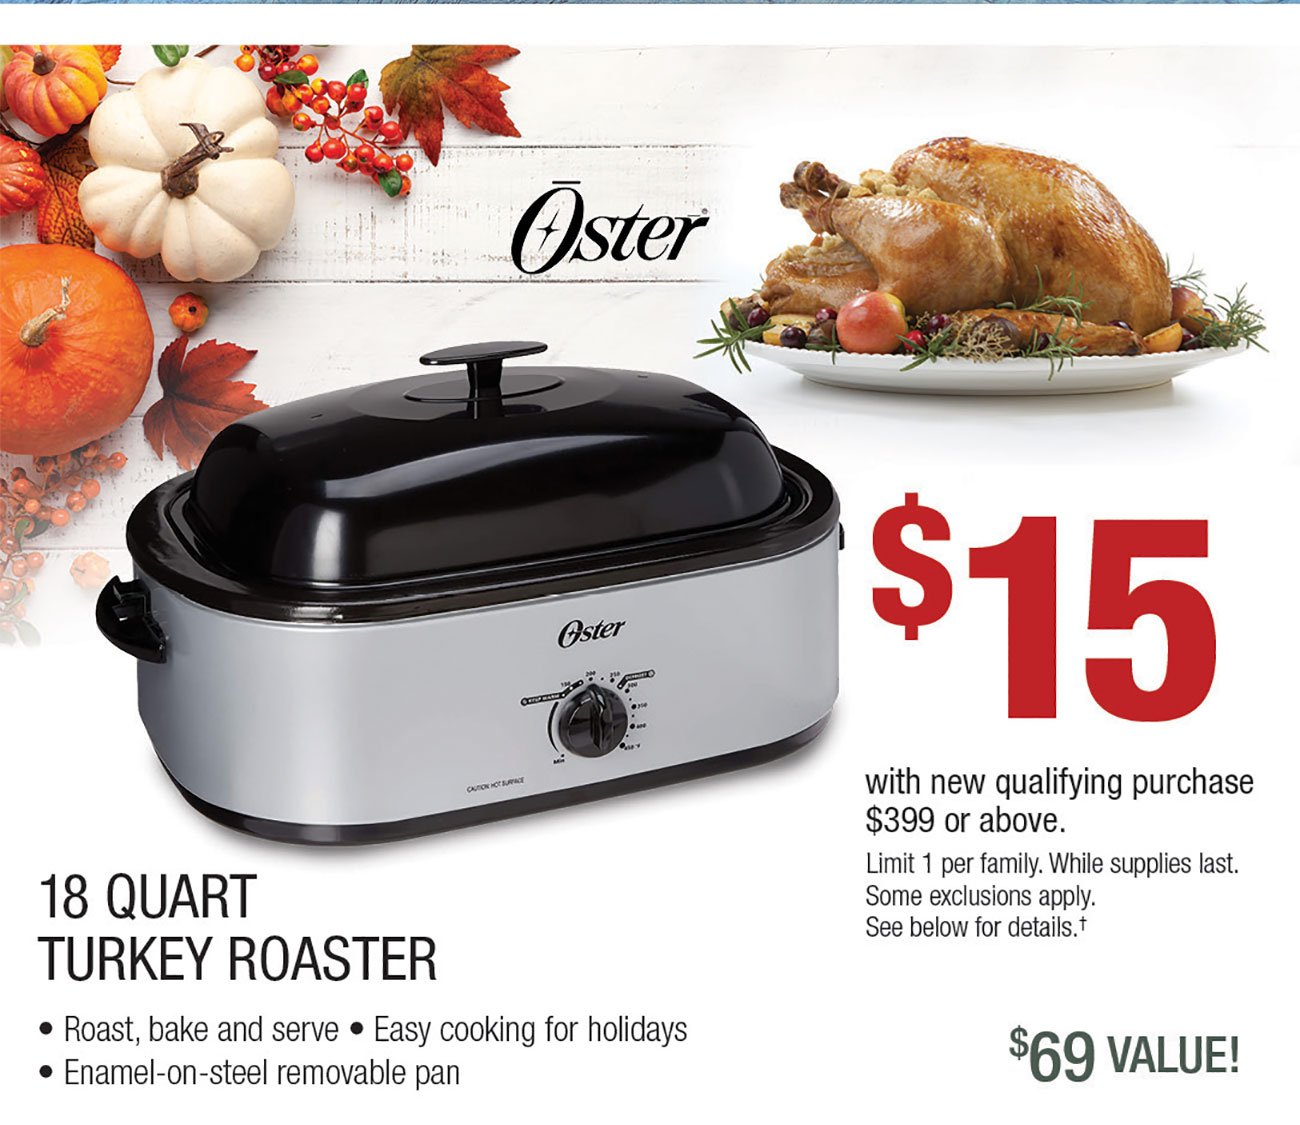 Oster-Turkey-Roaster-Premium